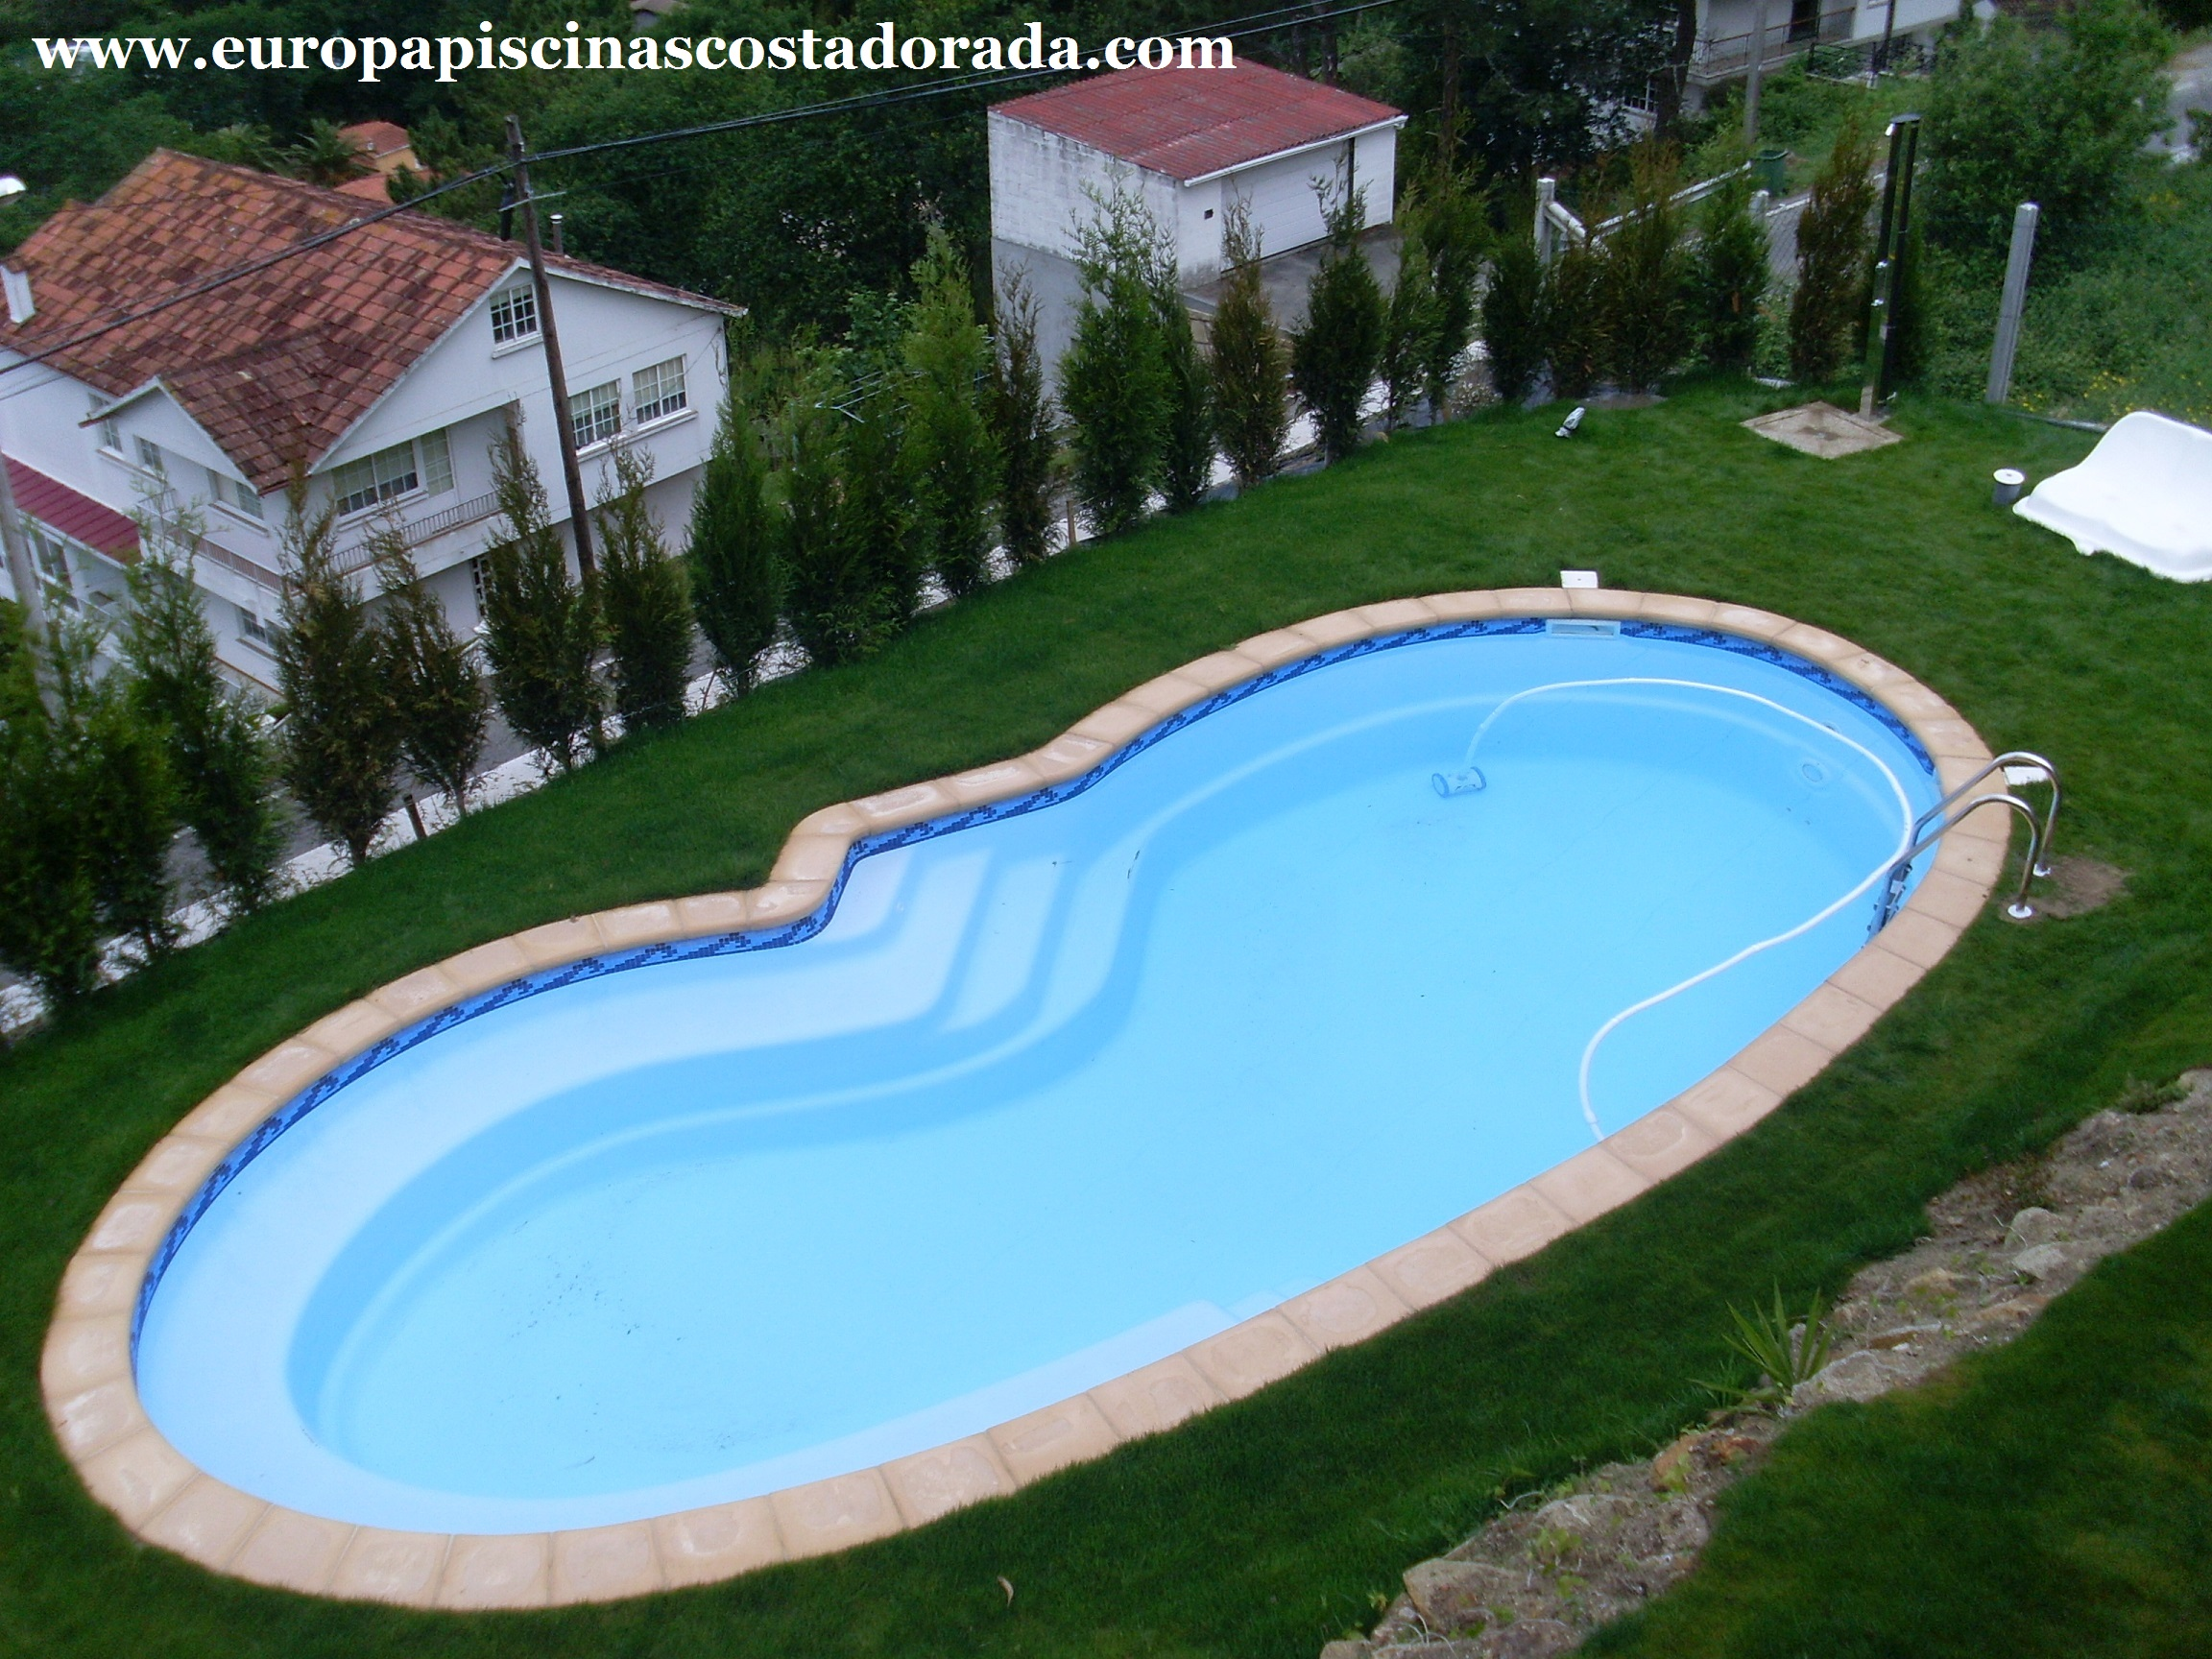 europa piscinas costa dorada. - europa piscinas costa dorada